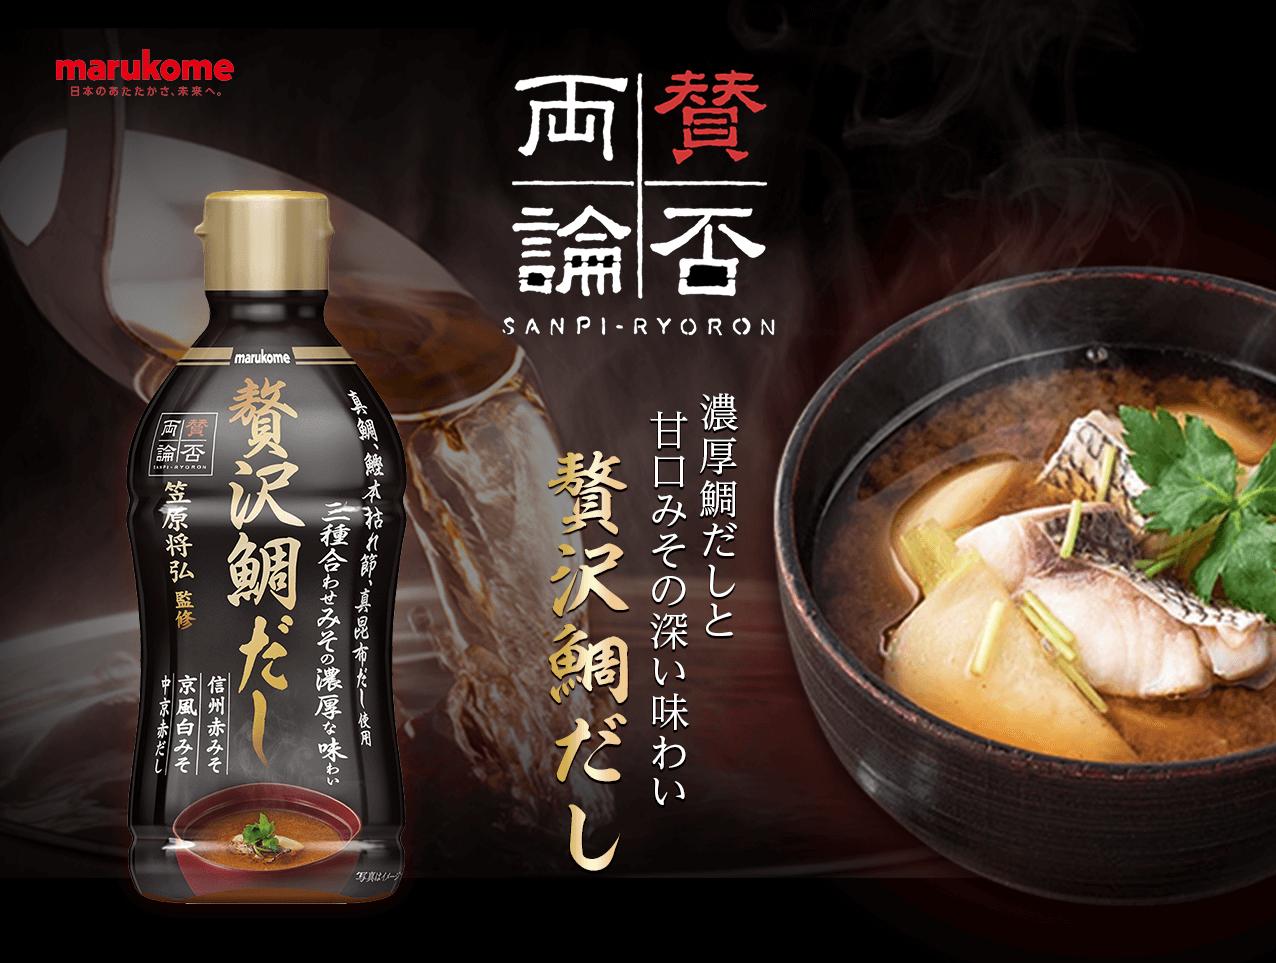 濃厚鯛だしと甘口みその深い味わい贅沢鯛だし